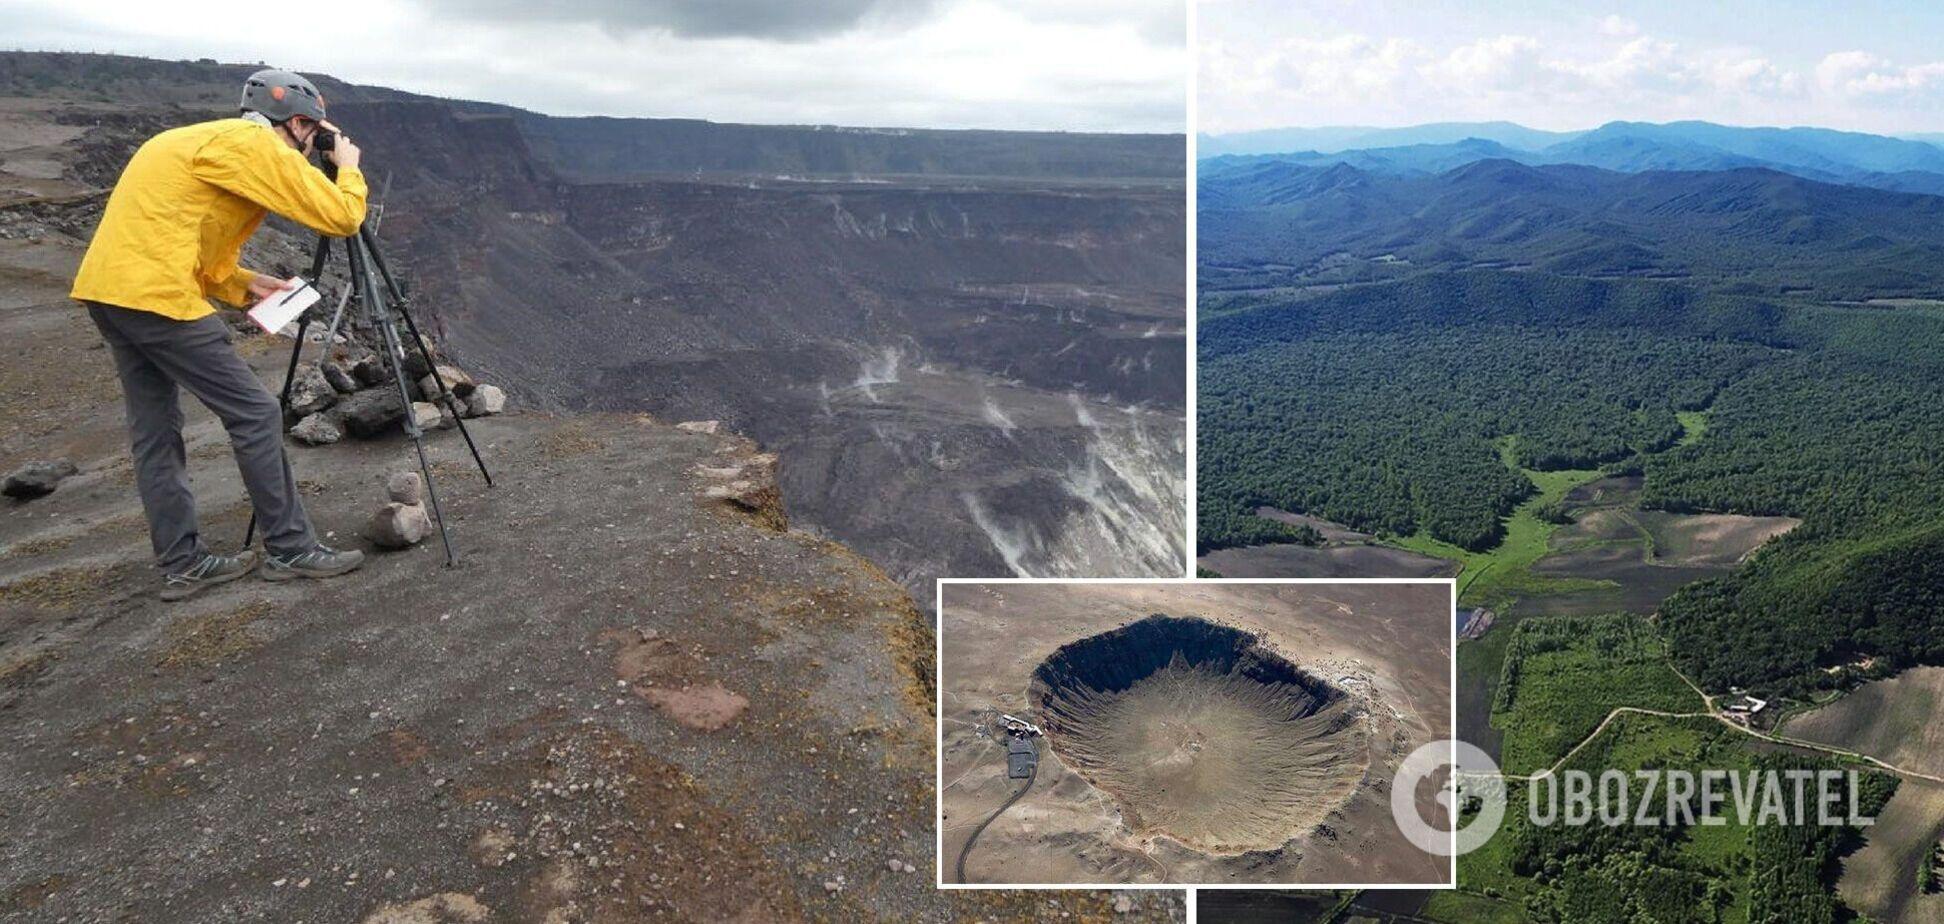 В Китае обнаружили кратер от стометрового астероида: его удар мог быть 'катастрофическим'. Фото